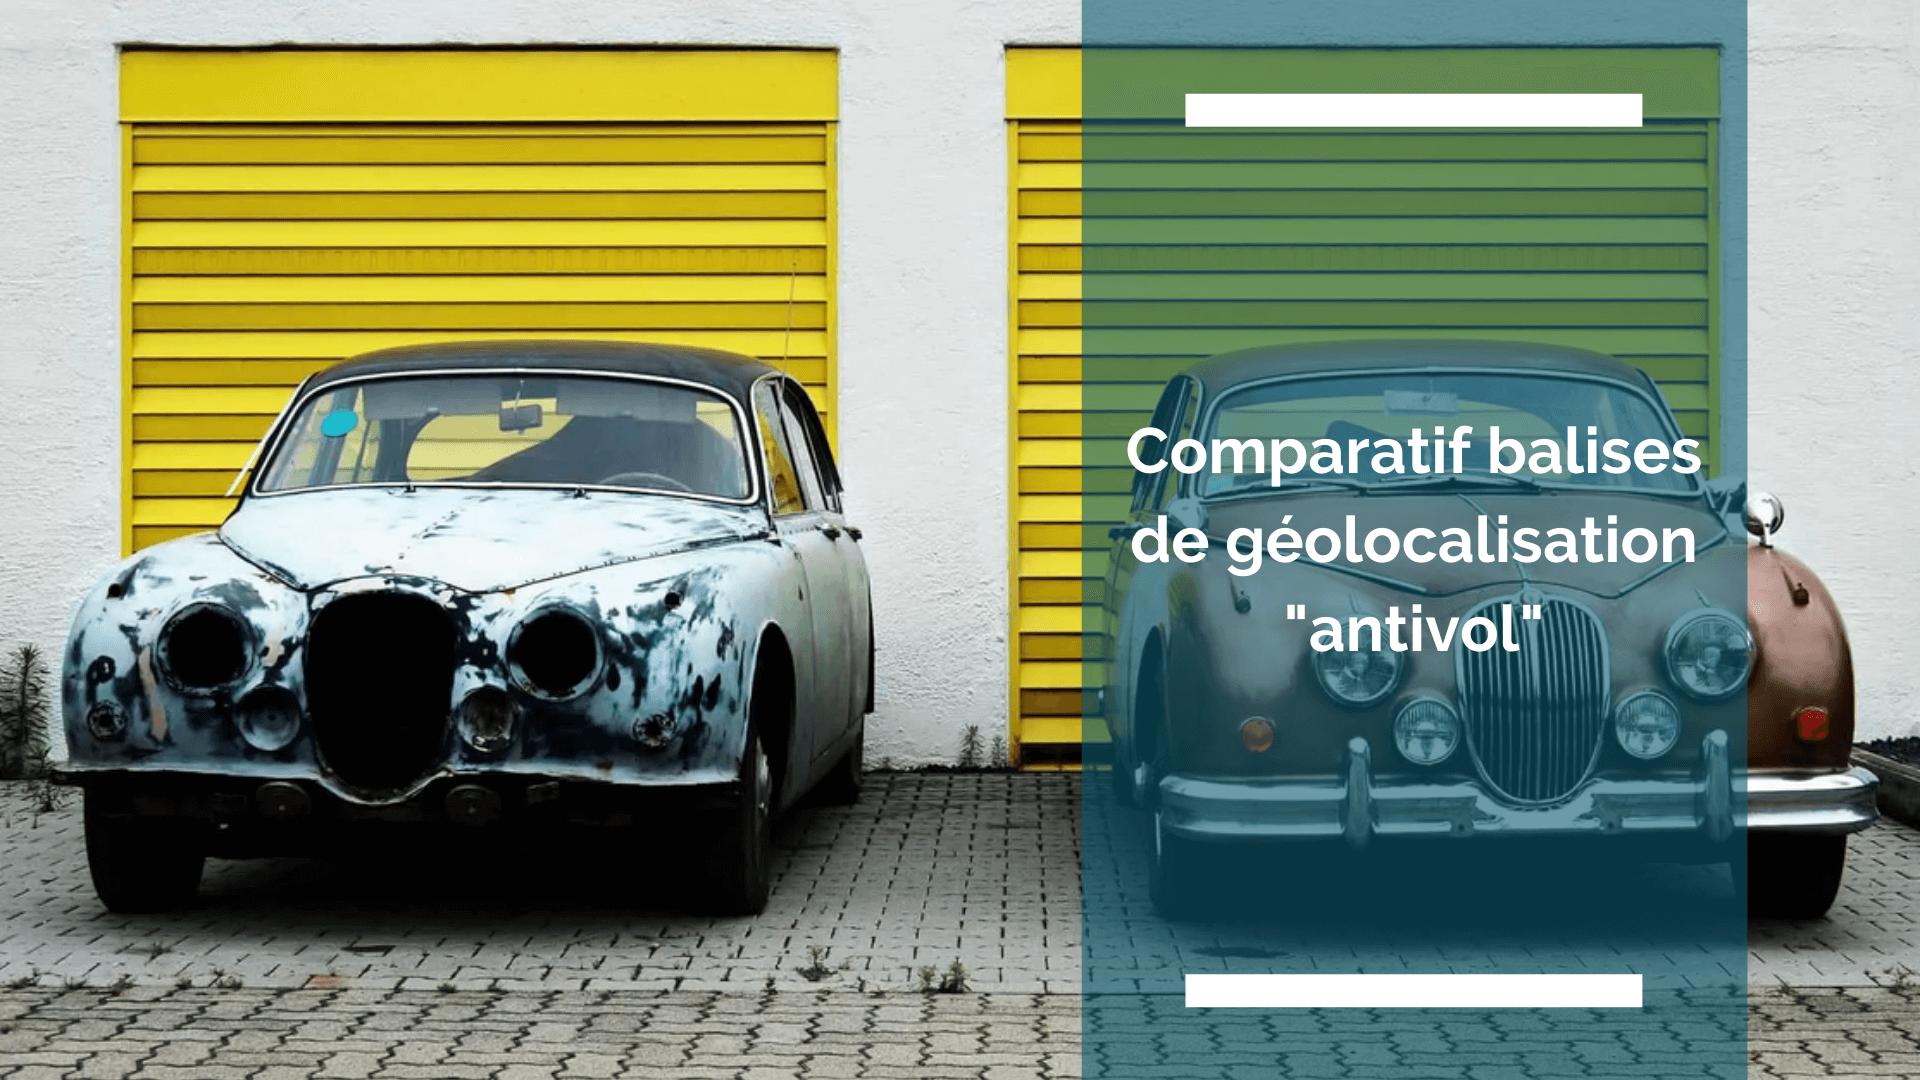 Visuel de l'article : Comparatif de balises de géolocalisation